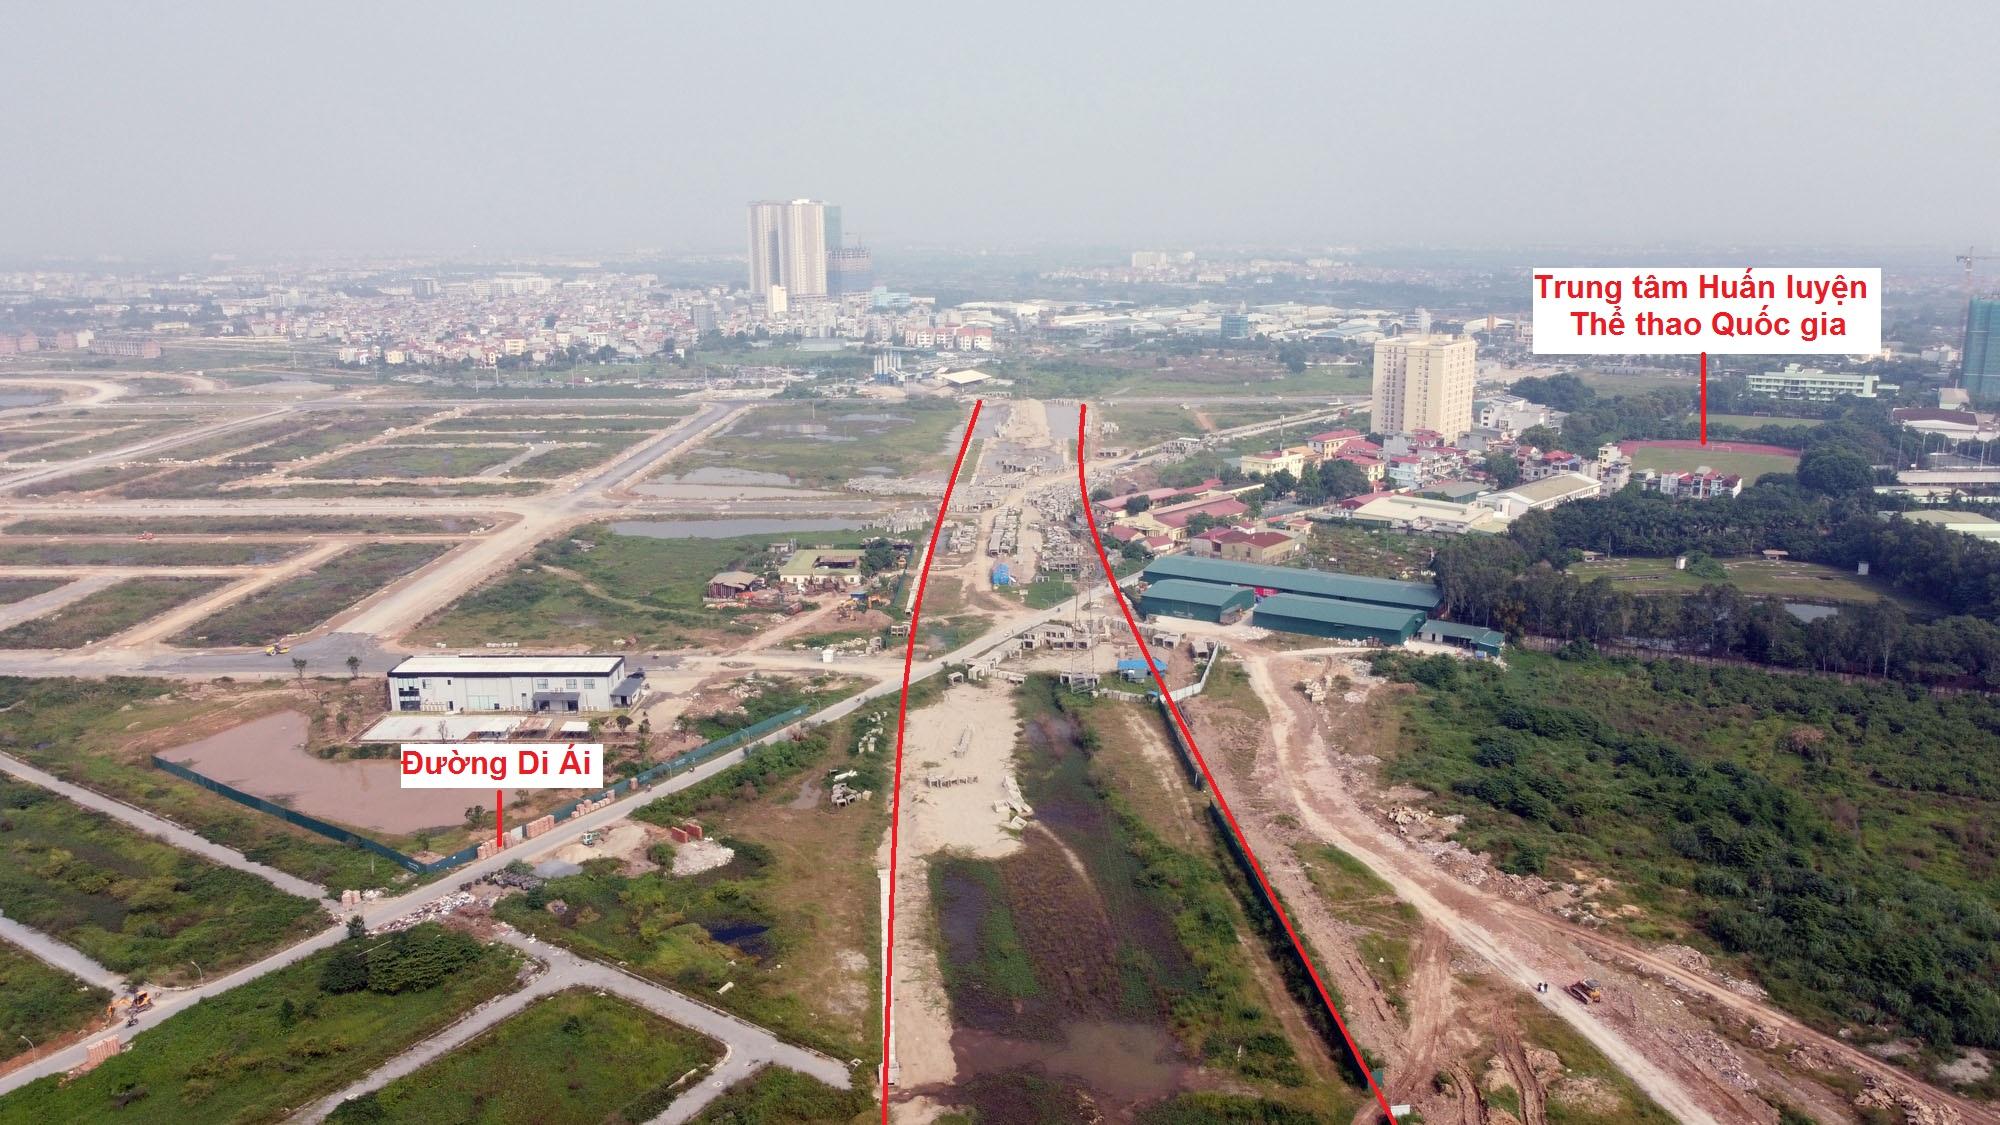 Ba đường sẽ mở theo qui hoạch ở xã Di Trạch, Hoài Đức, Hà Nội - Ảnh 4.